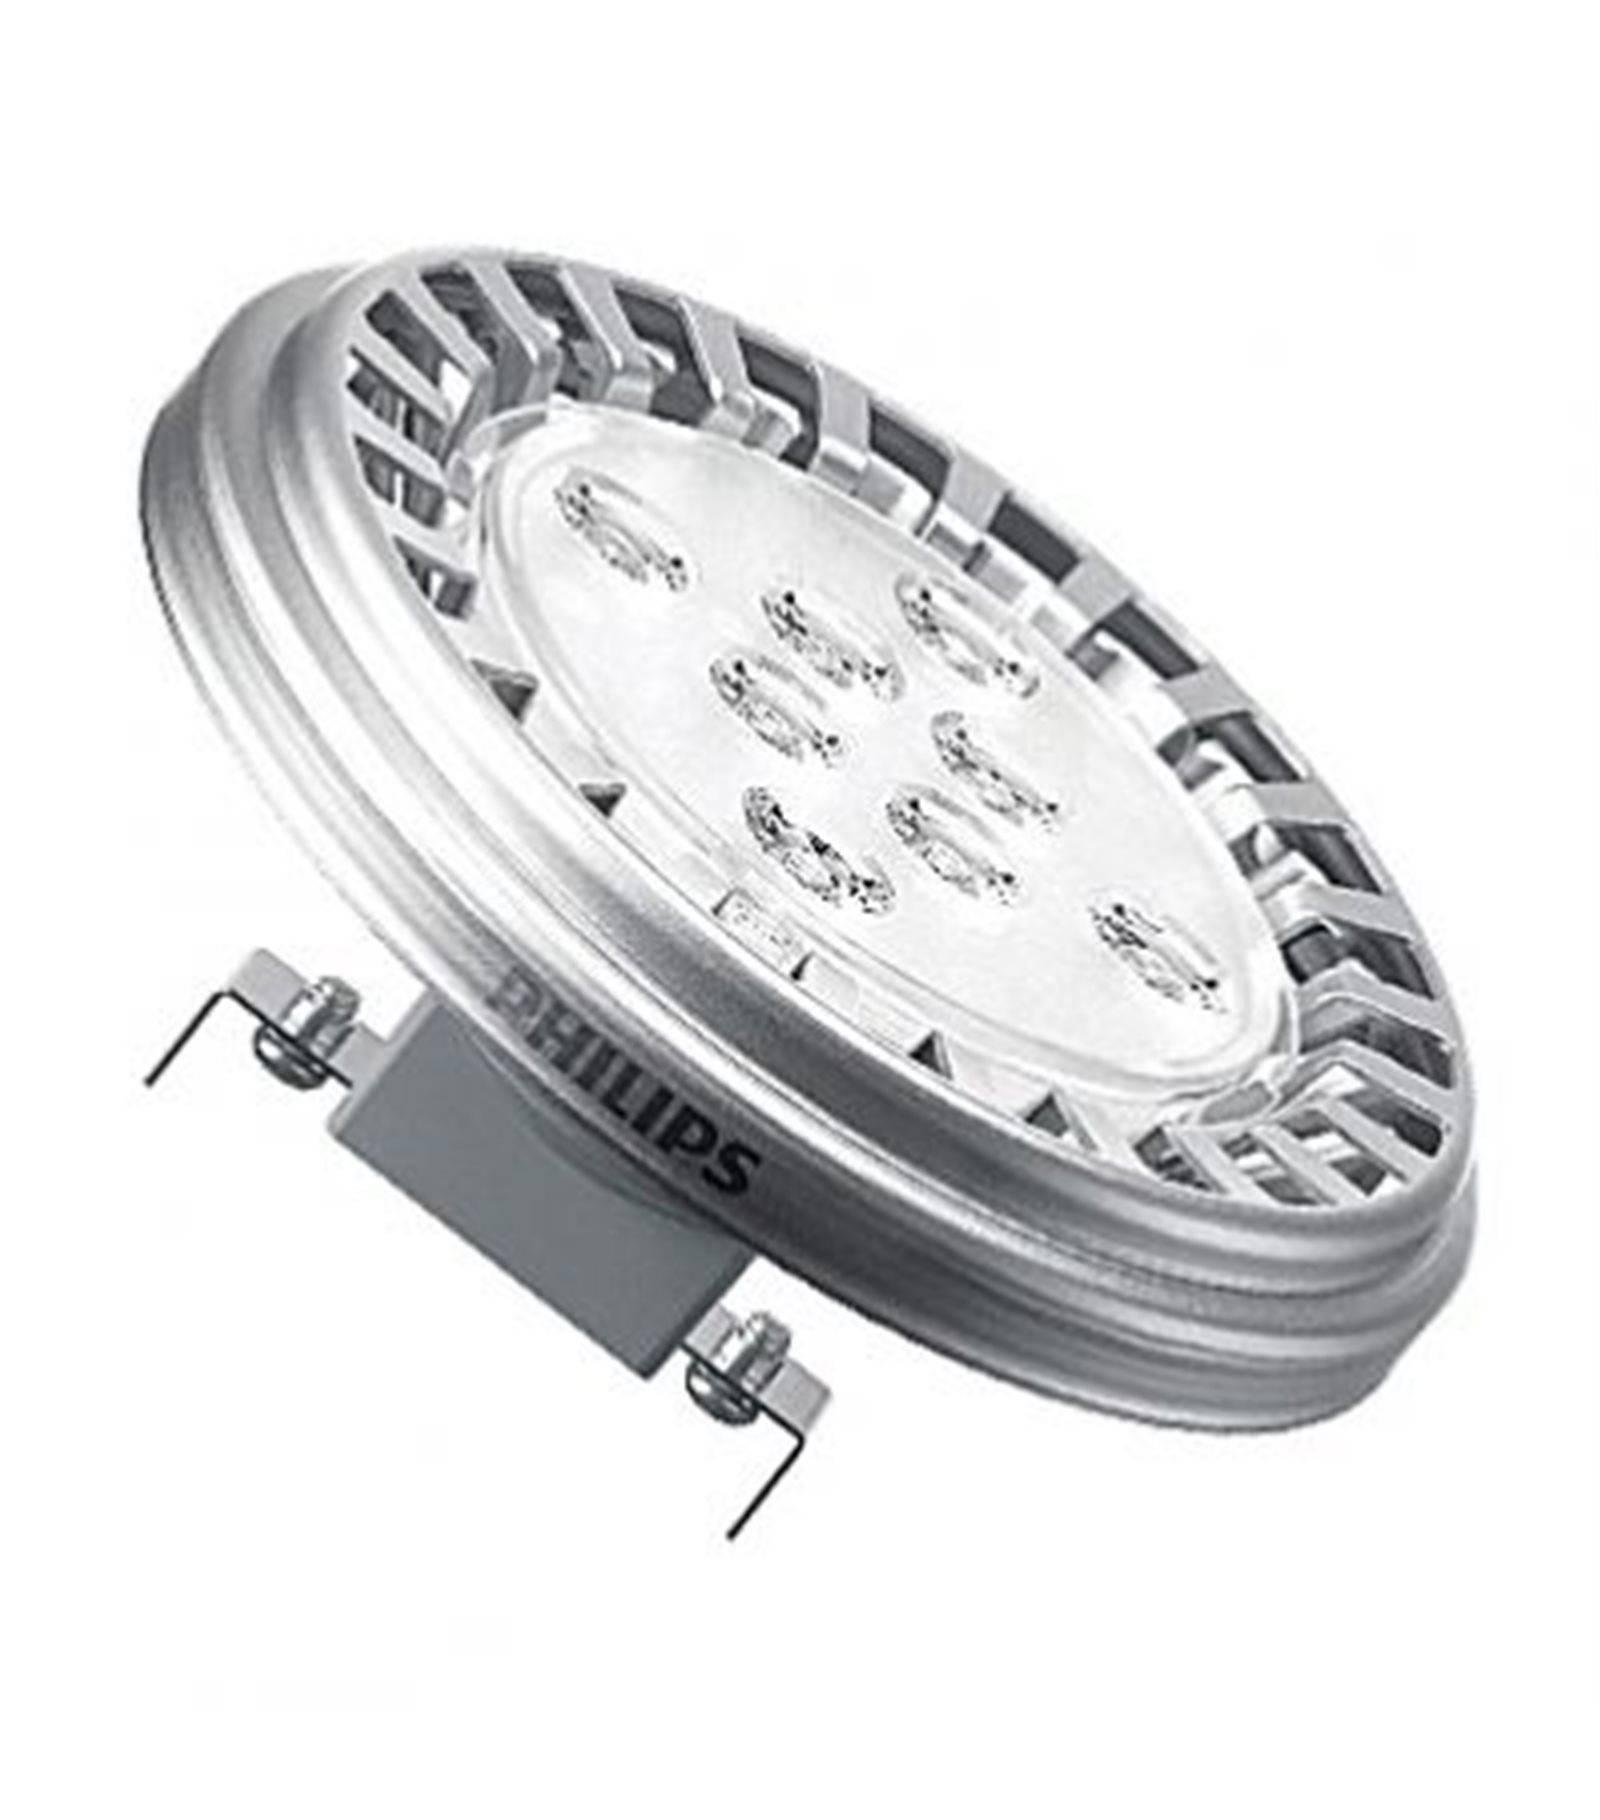 ampoule led g53 master ledspot ar111 10w 610lm quiv 50w blanc chaud 24 12v philips 12v. Black Bedroom Furniture Sets. Home Design Ideas